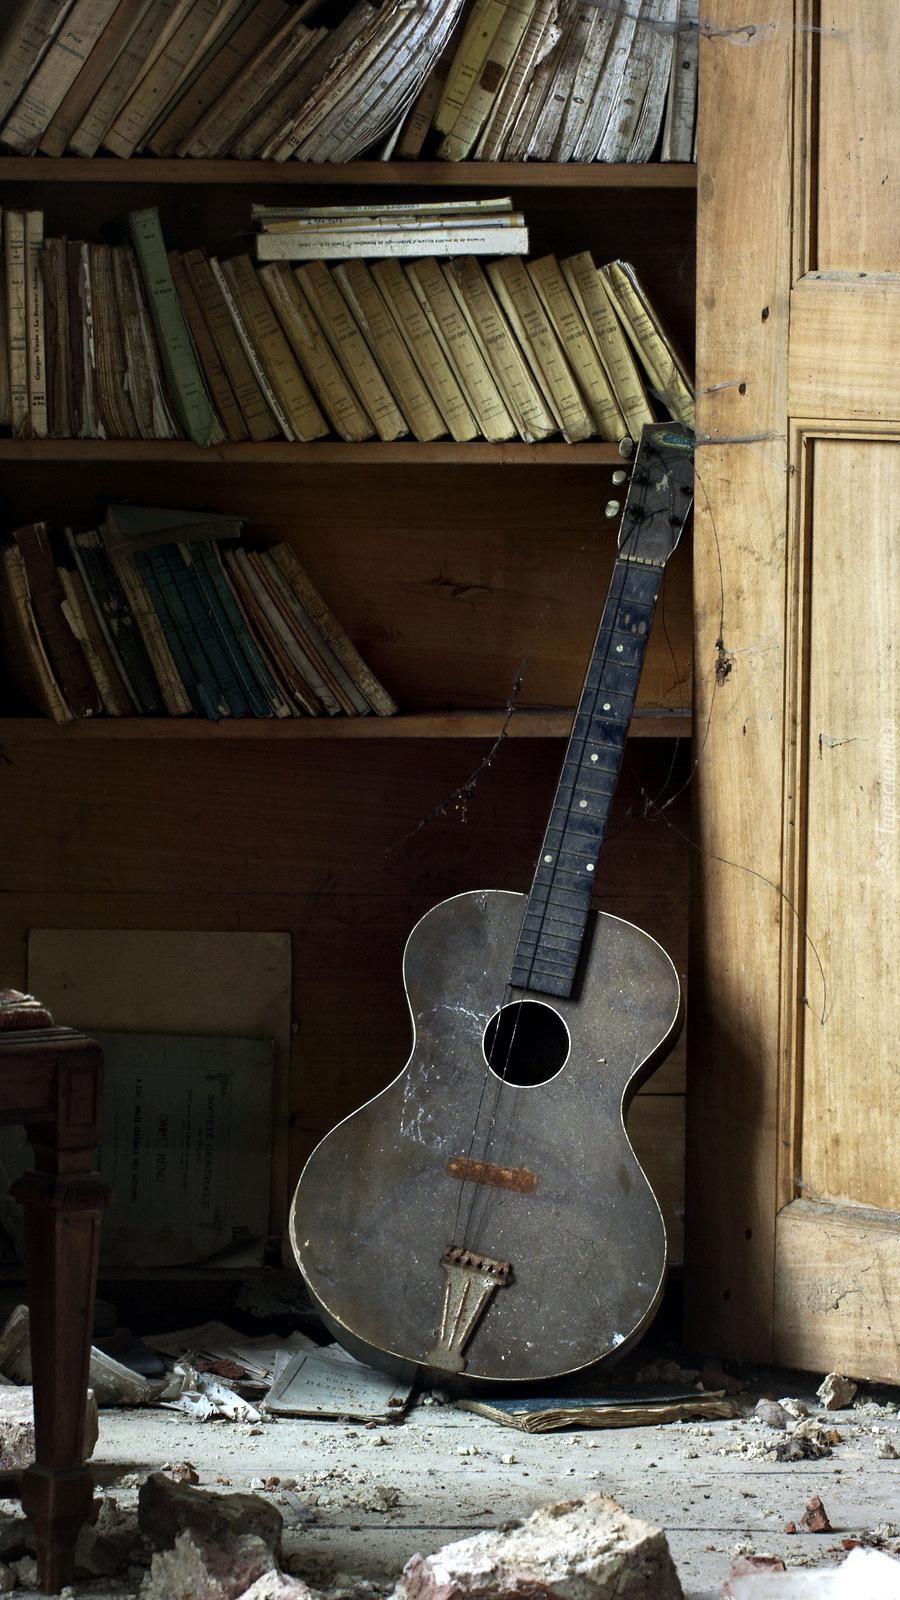 Gitara oparta o półkę z książkami